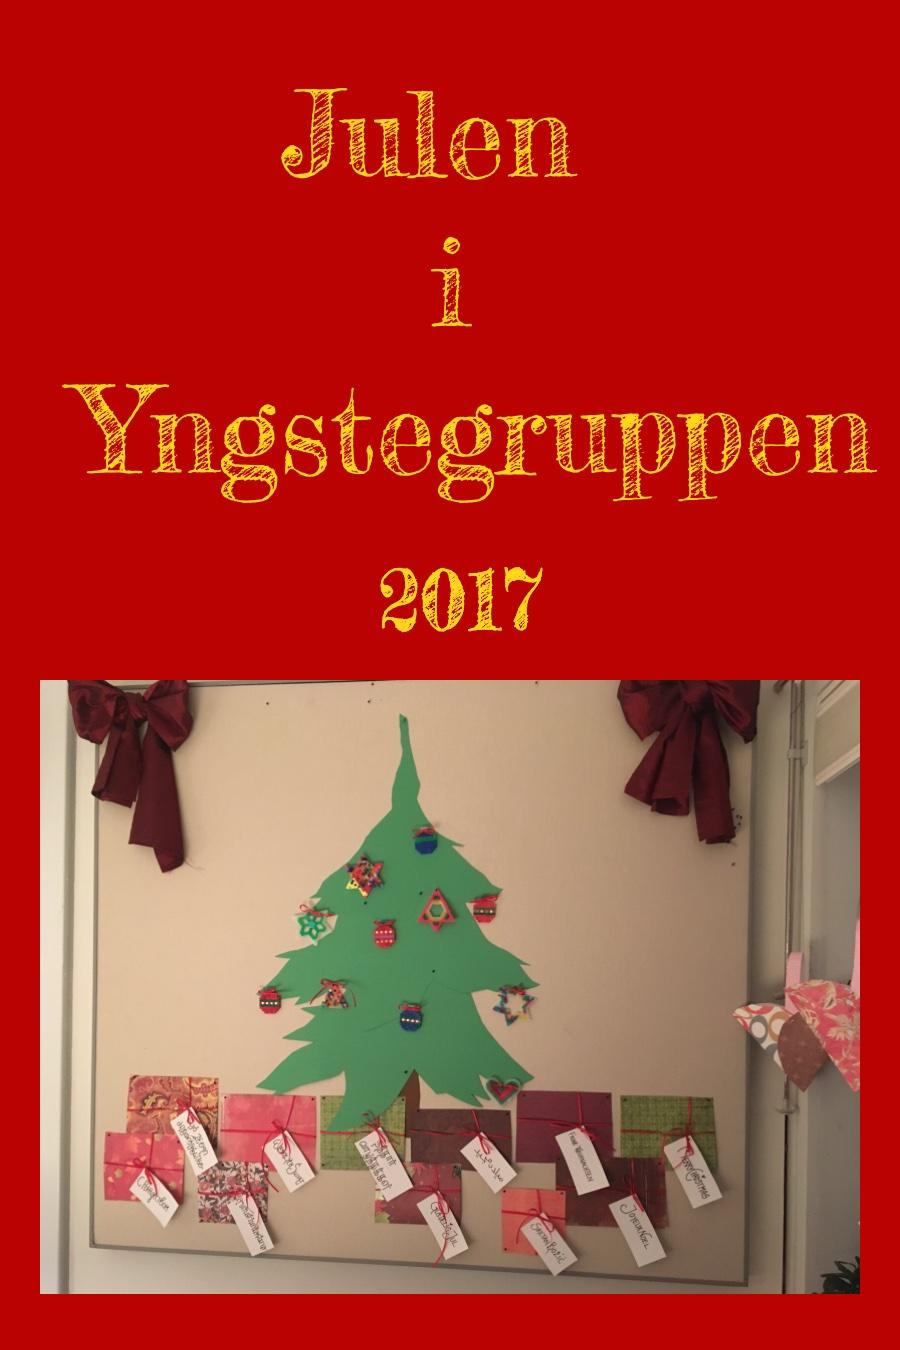 Julen i yngstegruppen 2017